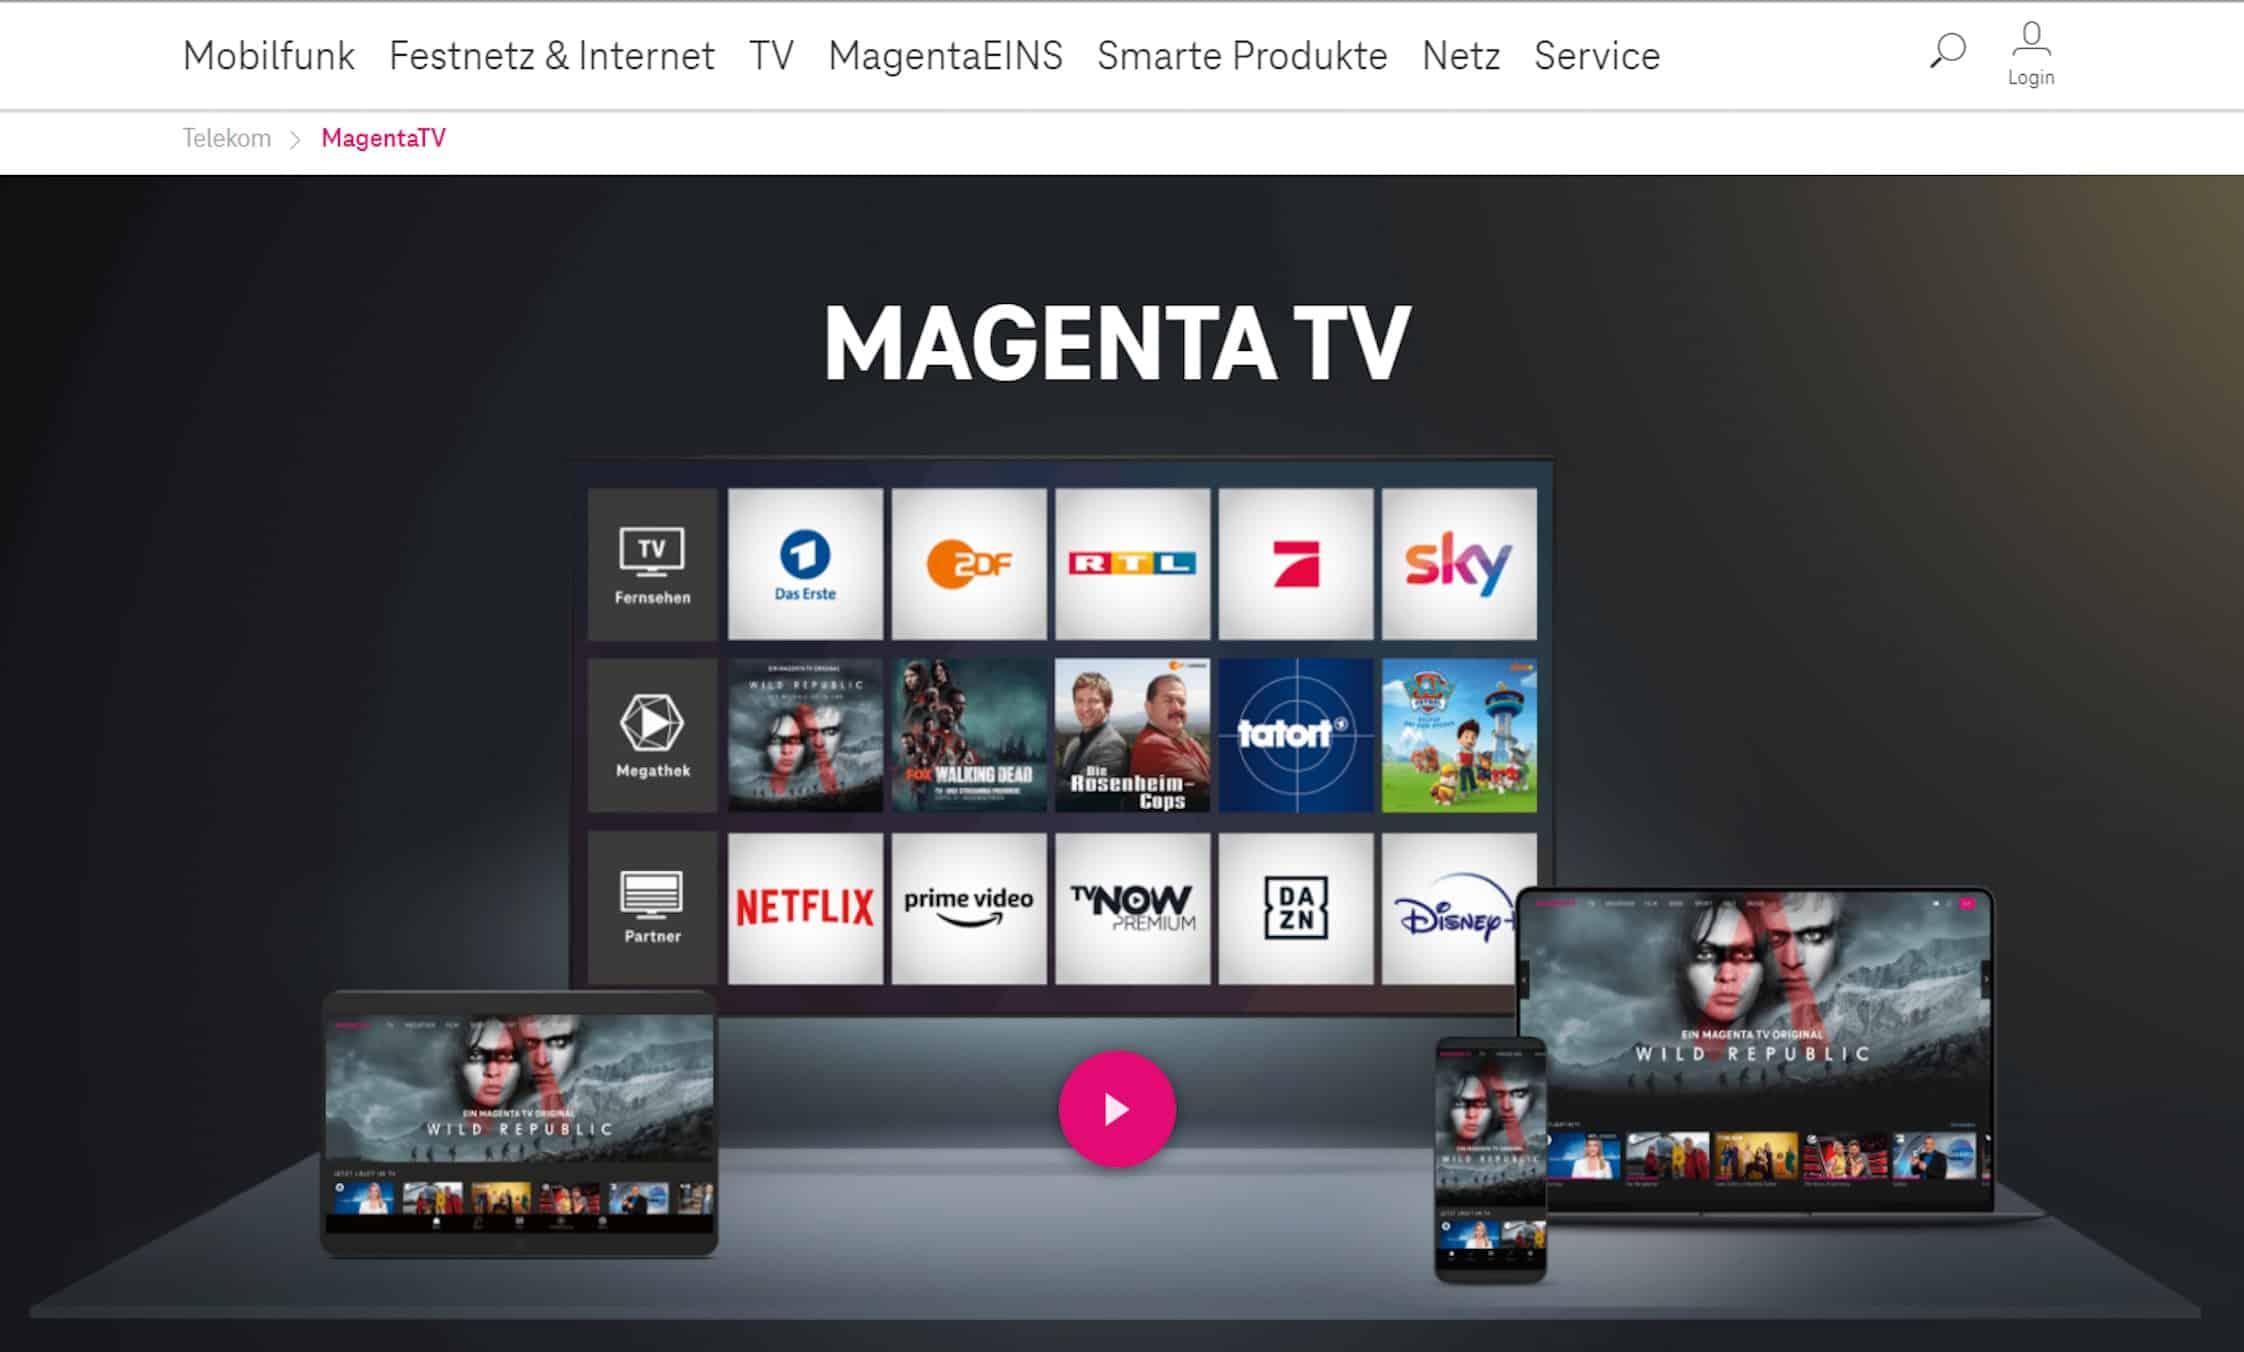 MagentaTV Mediathek